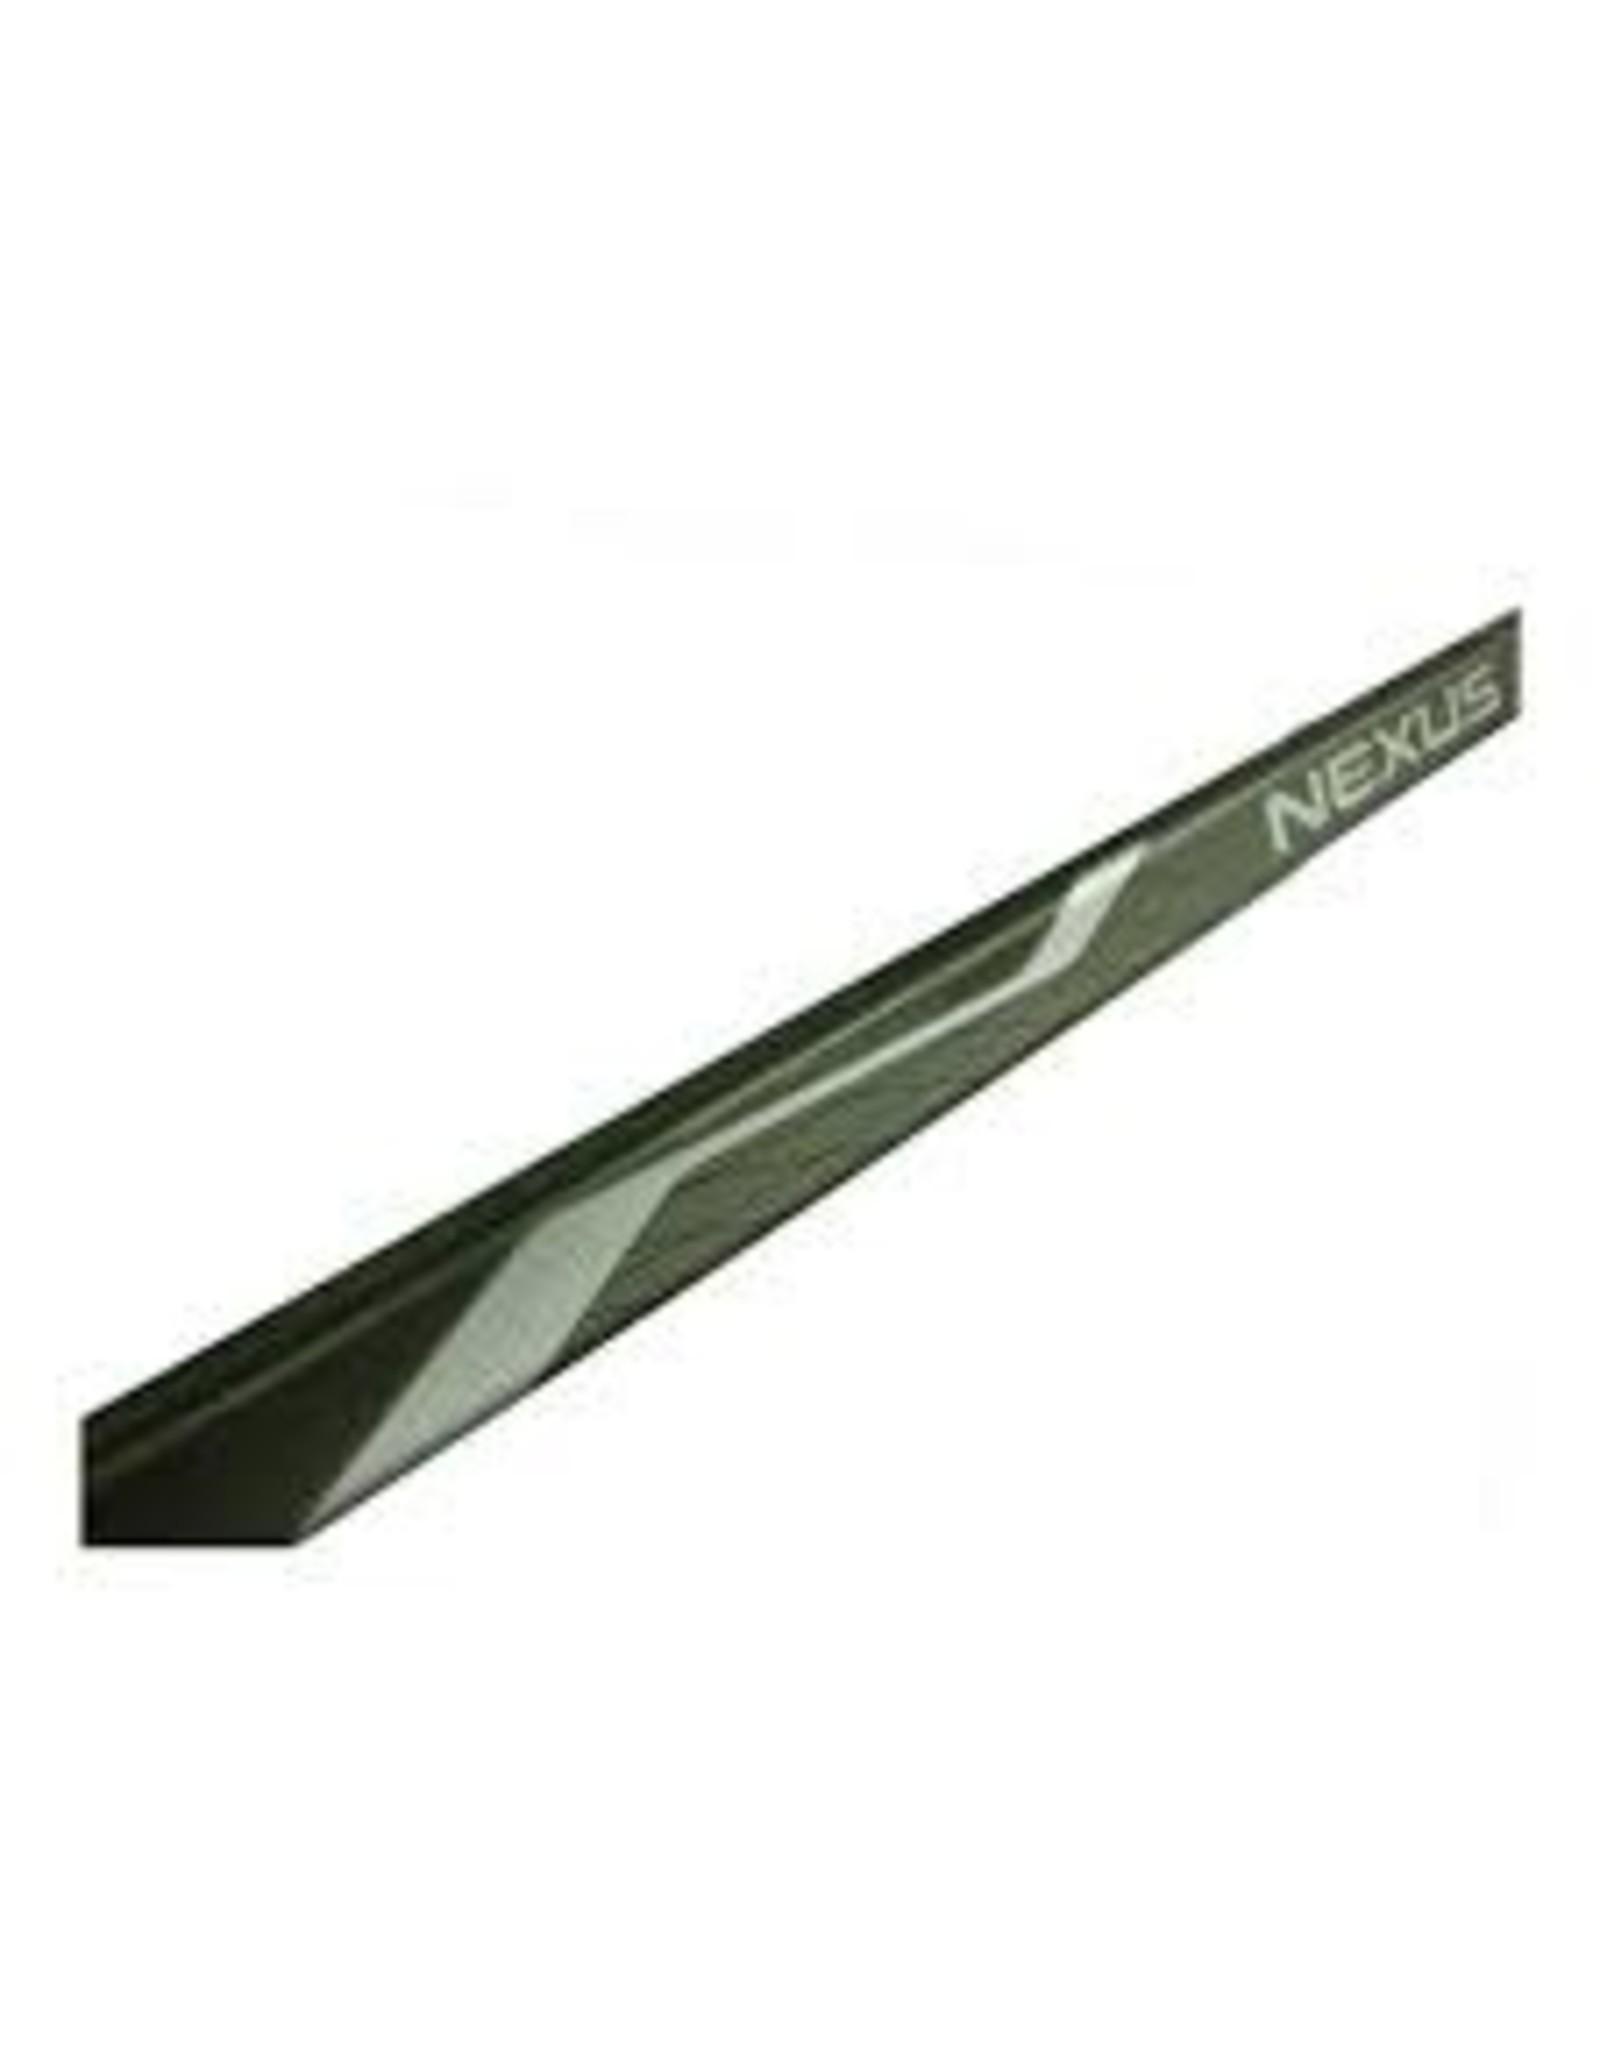 Bauer Hockey BAUER NEXUS 600 JUNIOR COMPOSITE STICK  P92, 47 FLEX (RIGHT HAND)